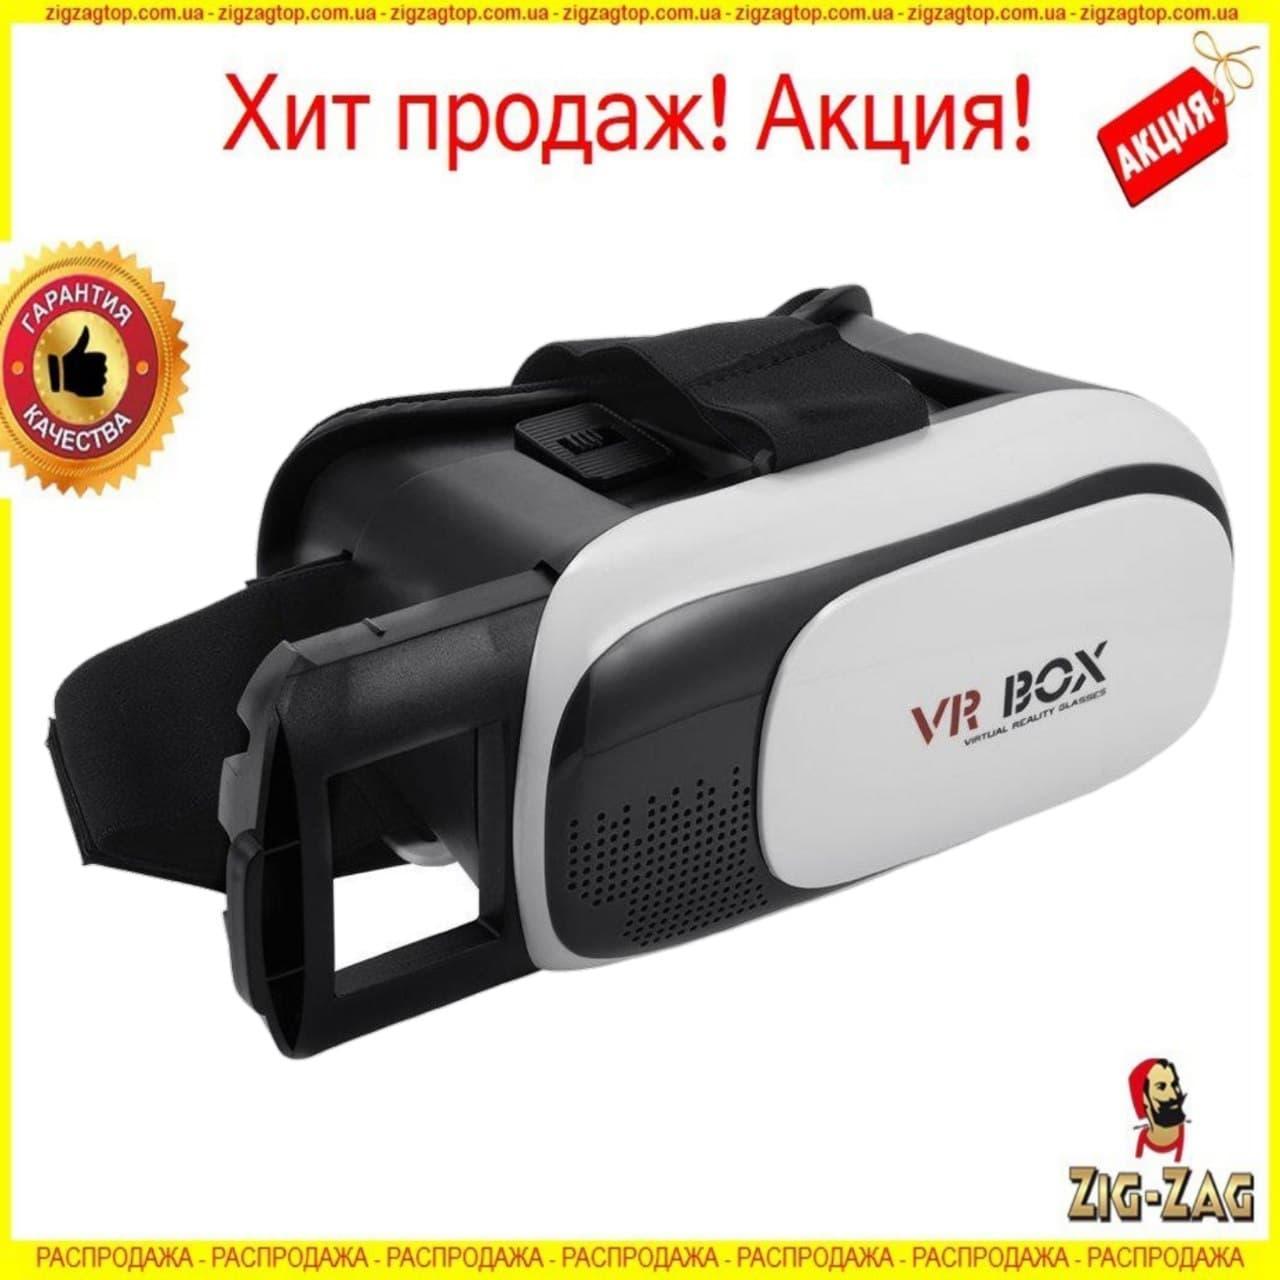 3D Очки Виртуальной Реальности VR Box 2.0 + ПУЛЬТ Шлем ВР БОКС обзор 95-100 градусов для Android и iOS NEW!